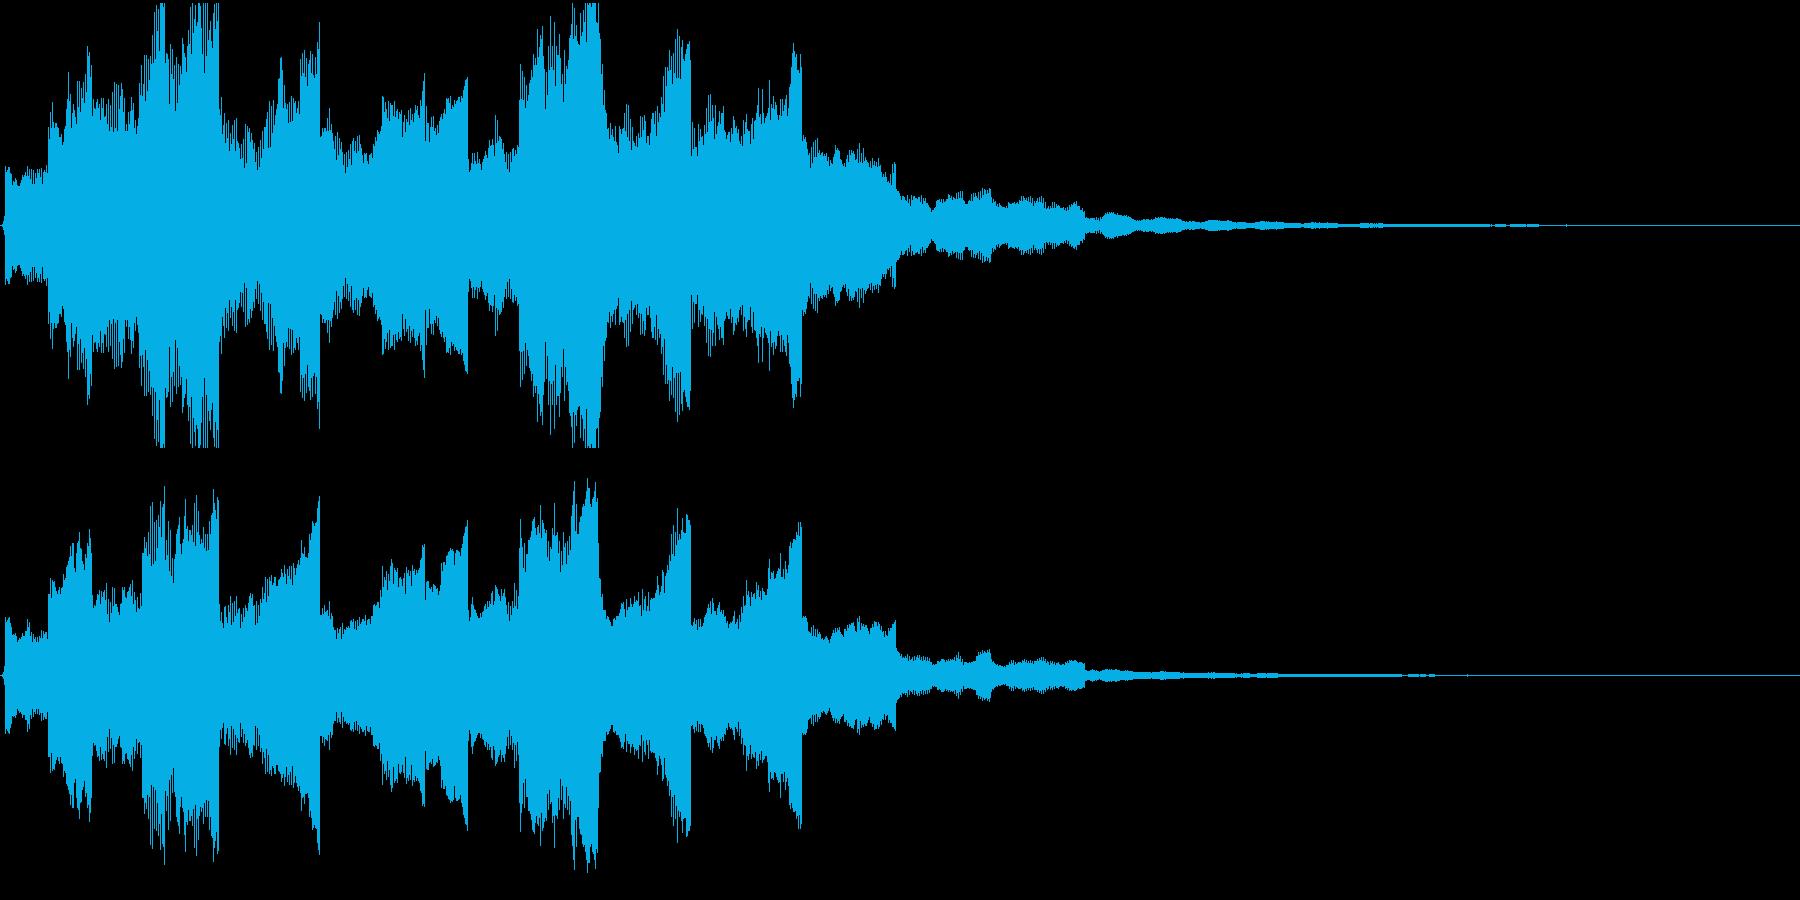 幻想的惑星着陸のような効果音の再生済みの波形